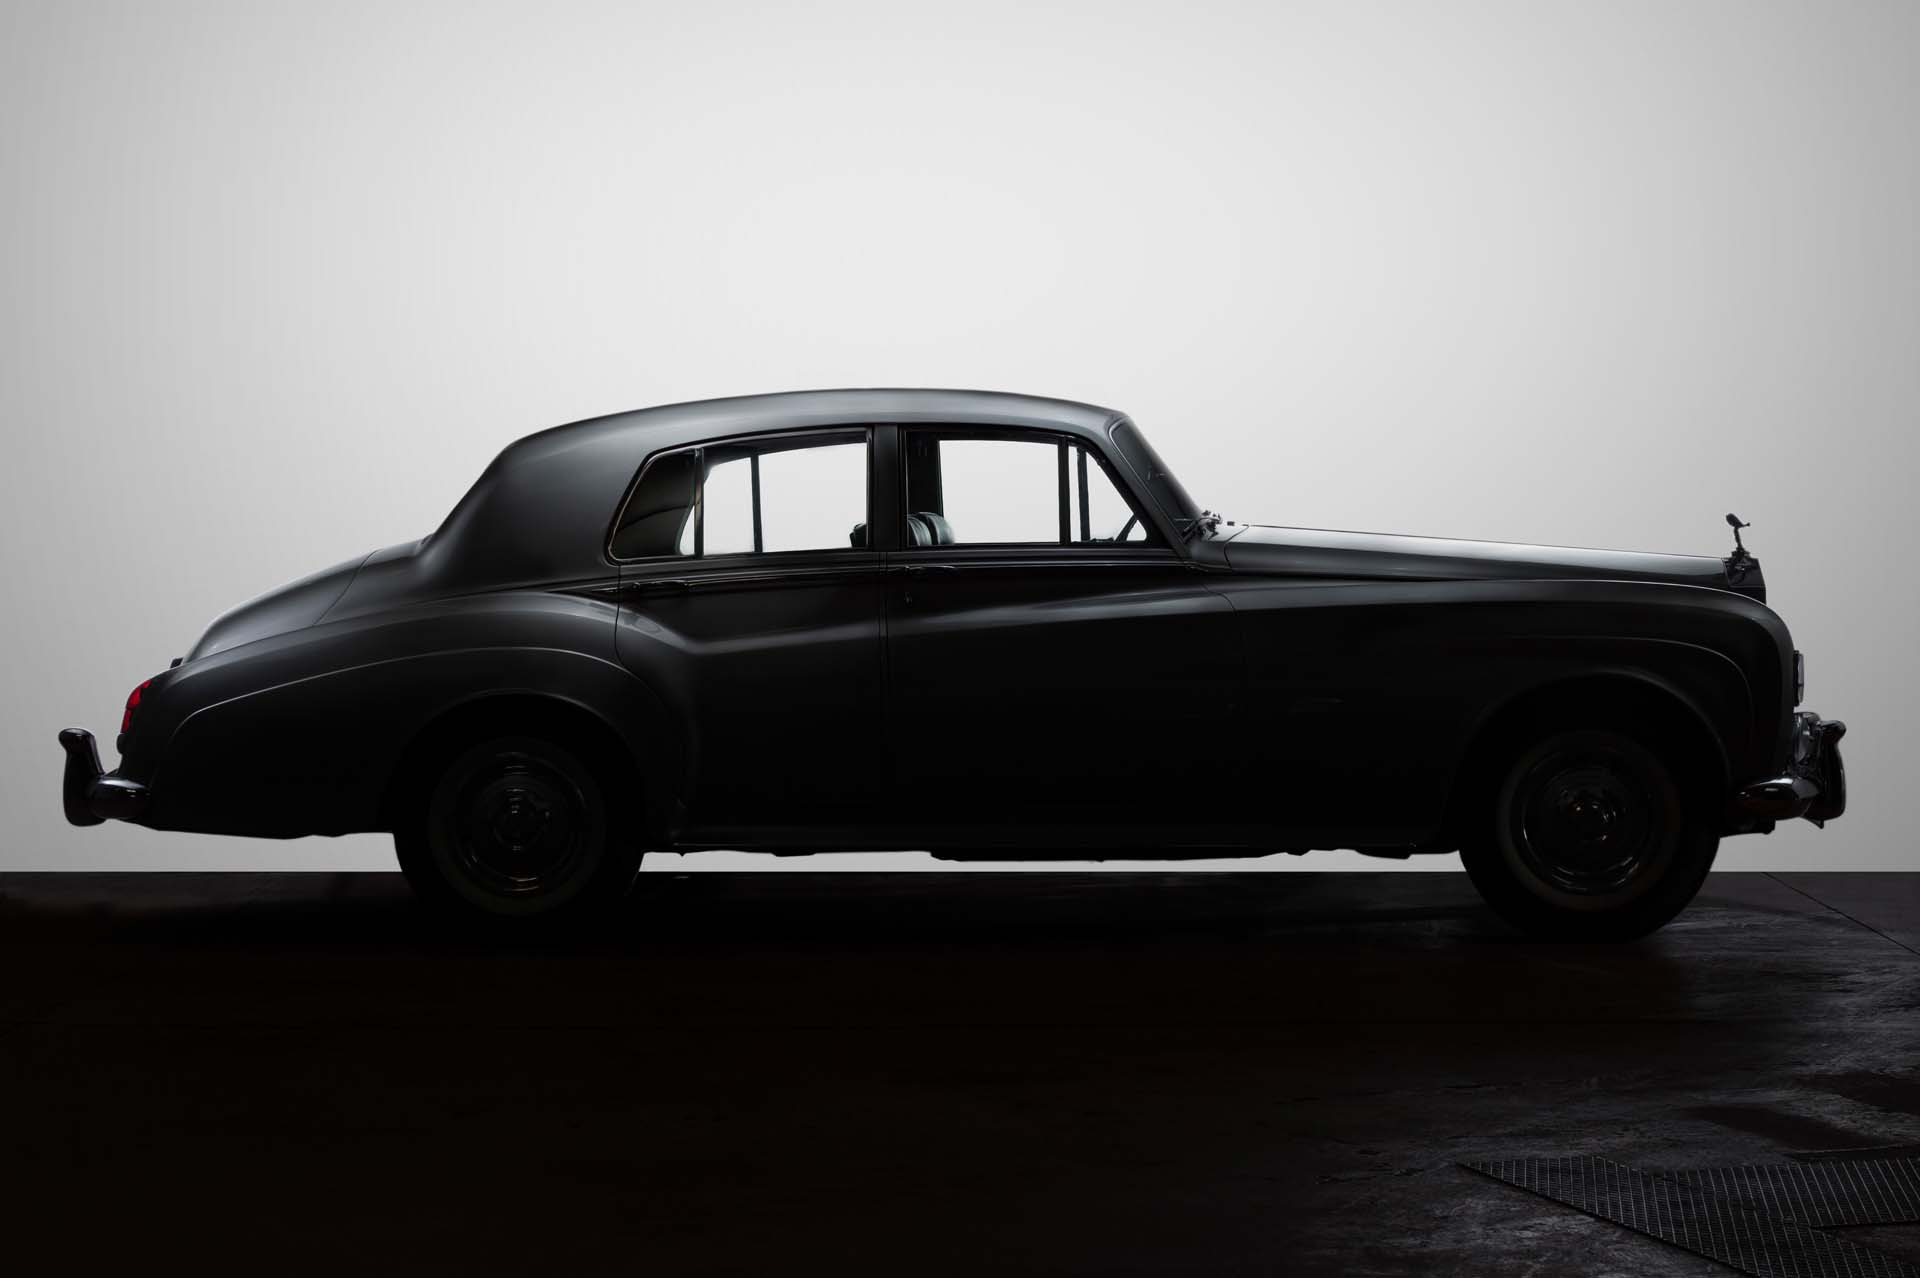 Rolls Royce Silver Cloud III